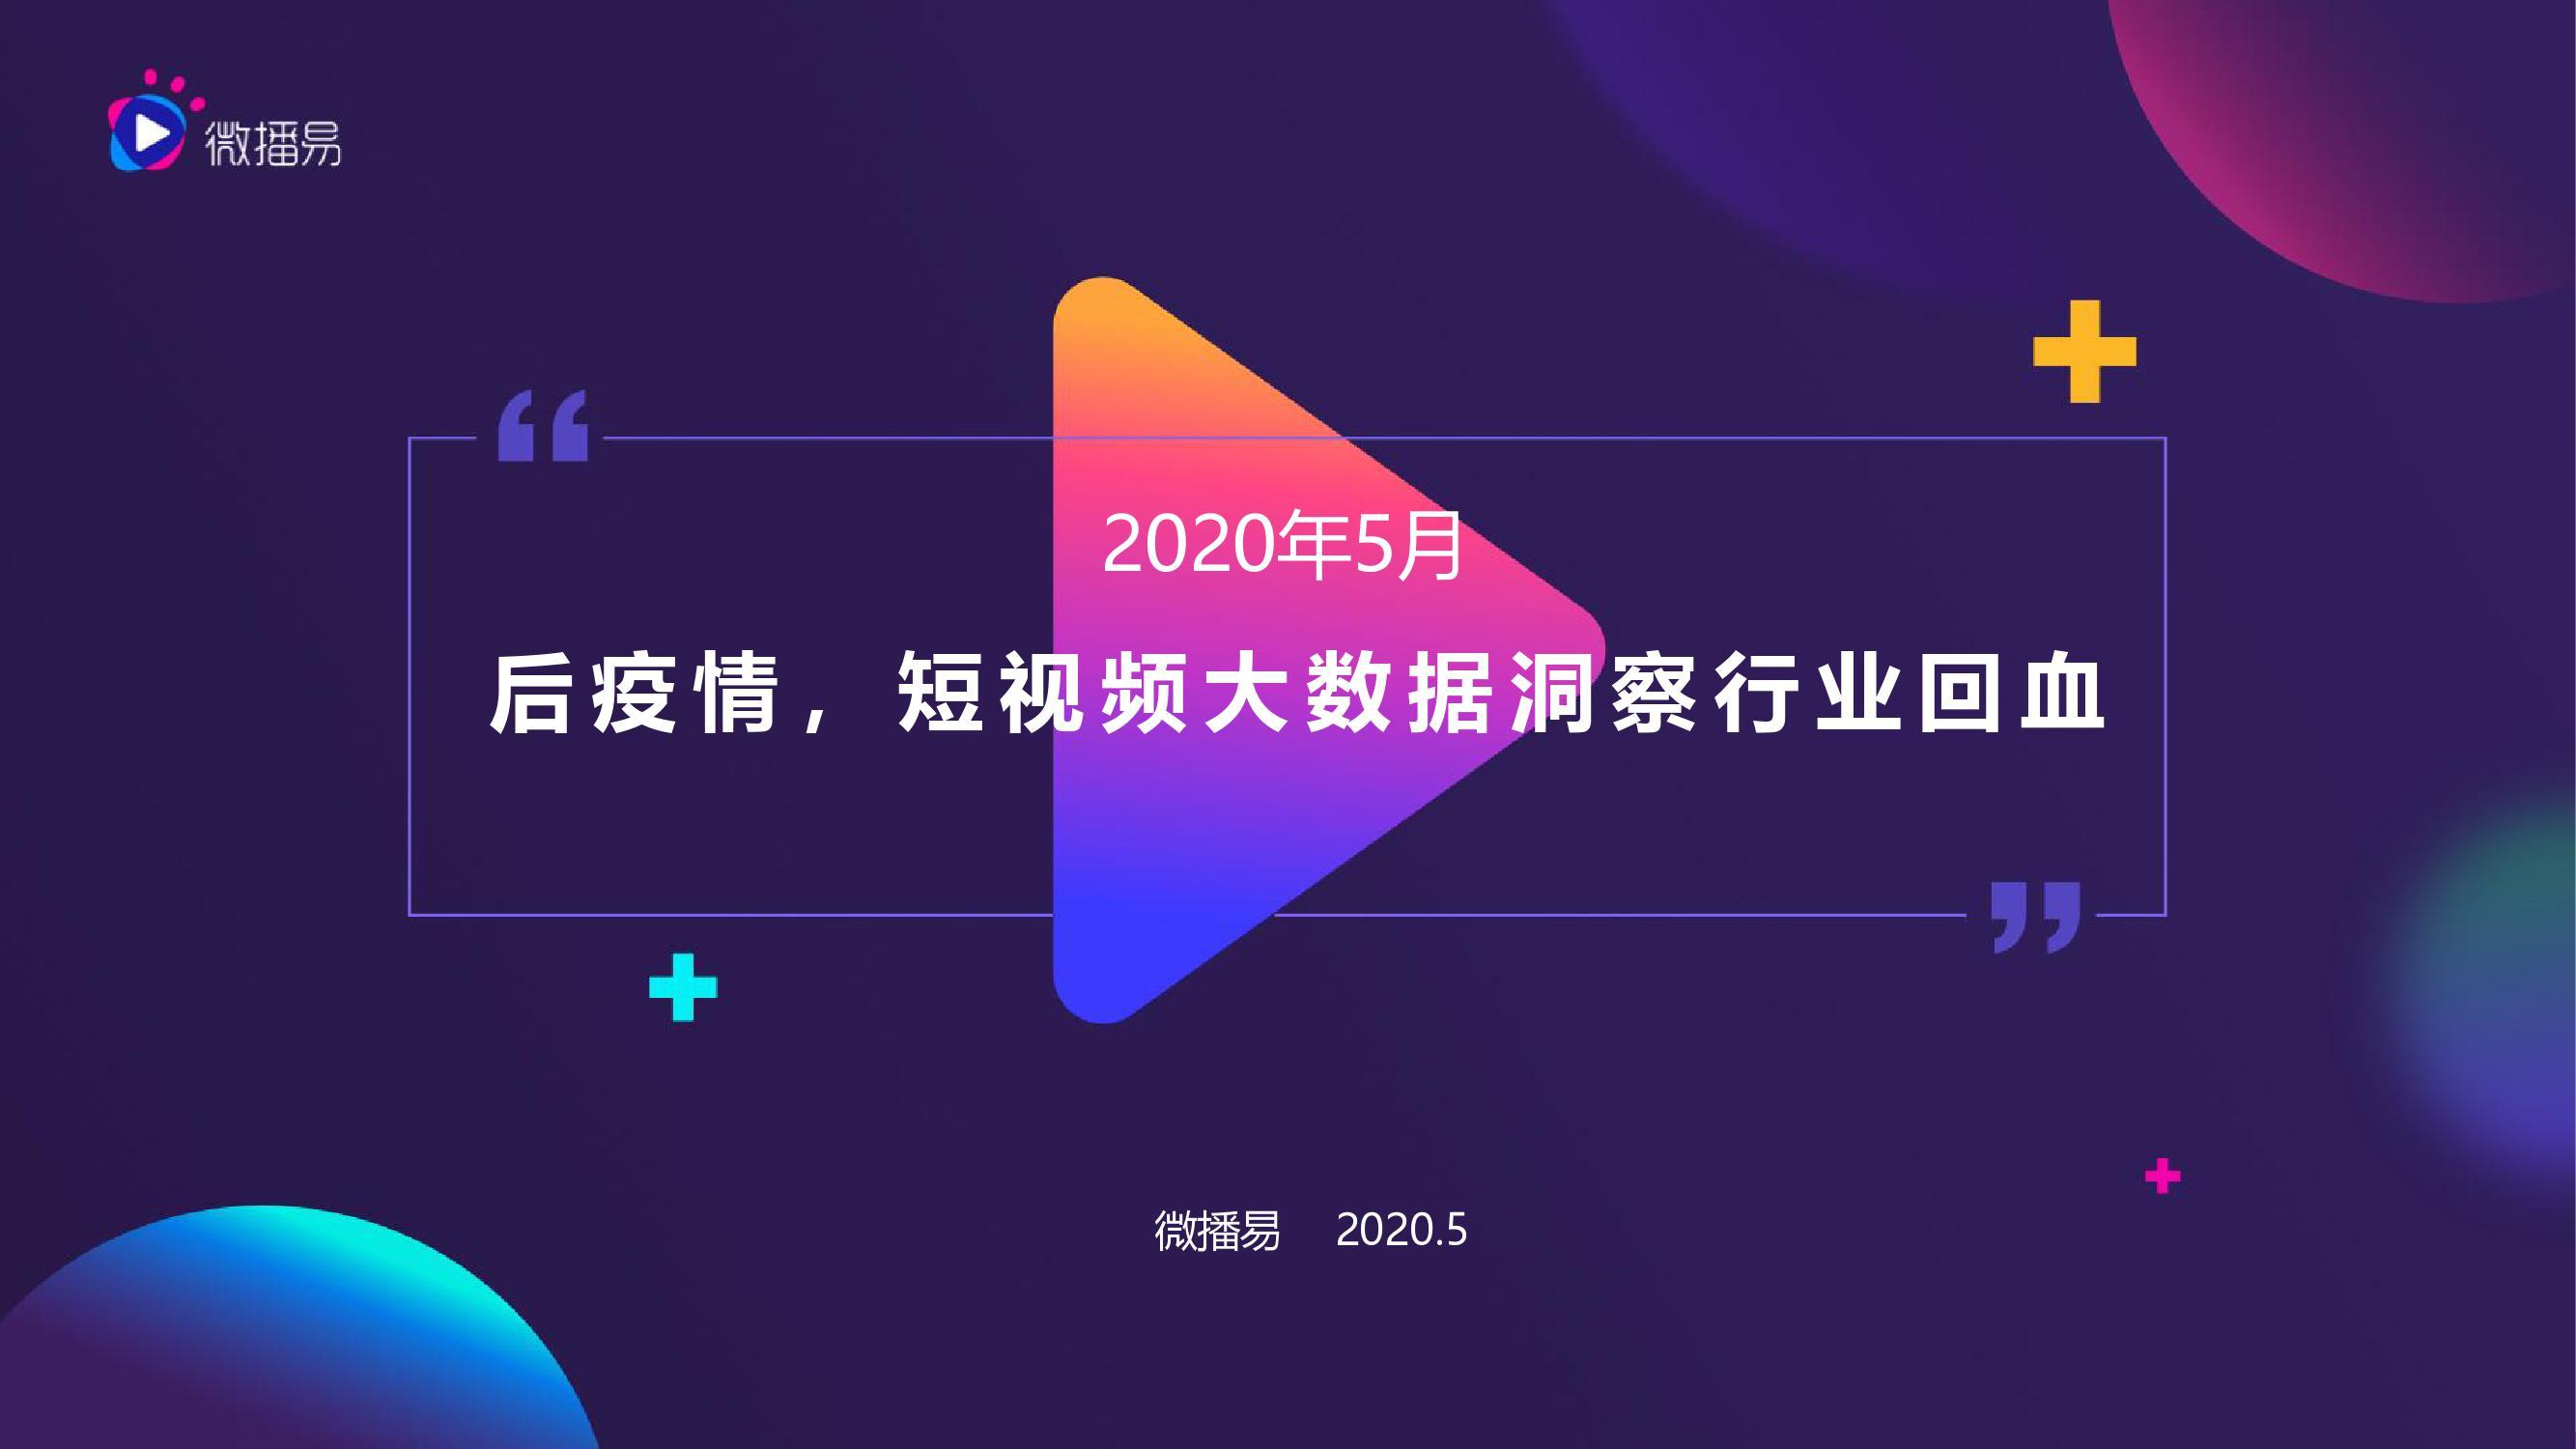 微播易:2020年5月短视频大数据行业洞察